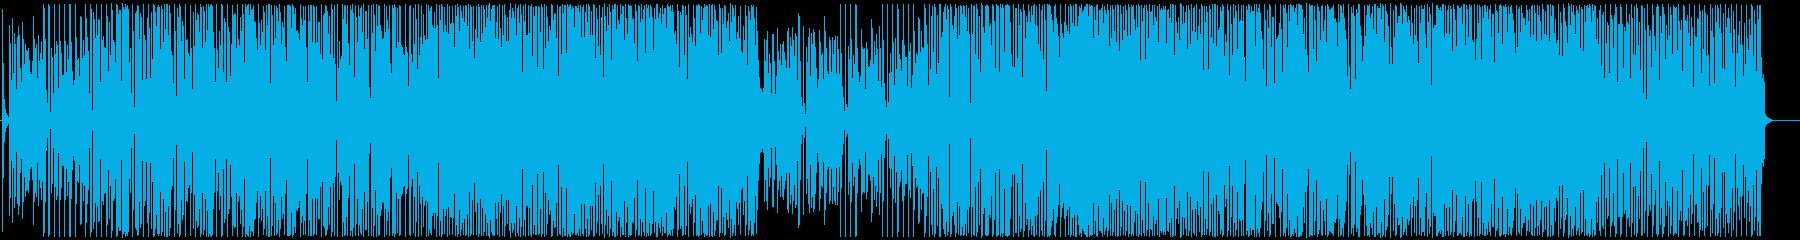 リズミカルではつらつとした雰囲気のBGMの再生済みの波形